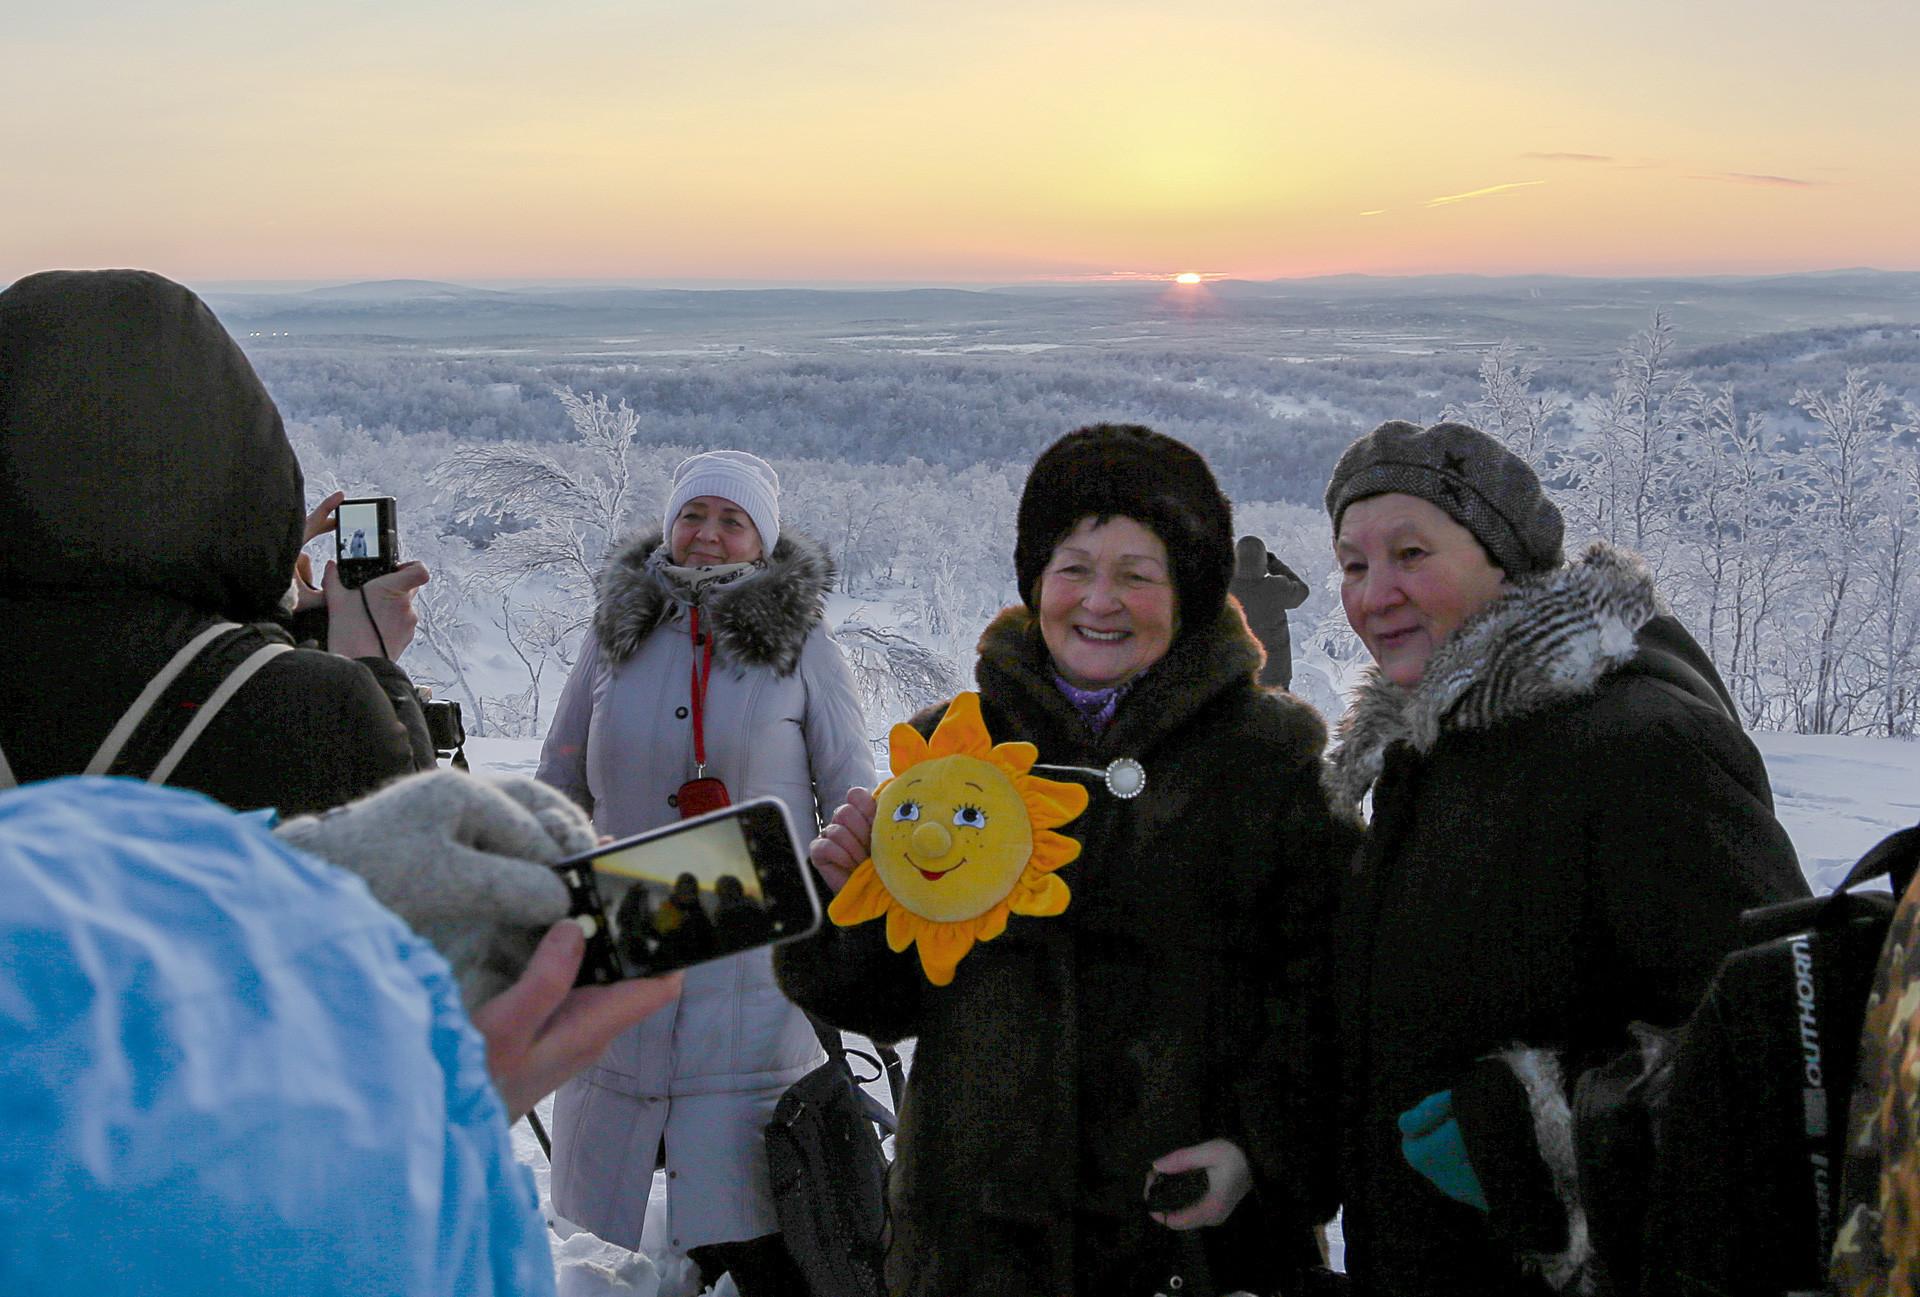 Moradores de Murmansk tiram fotos durante comemoração do primeiro amanhecer do ano.